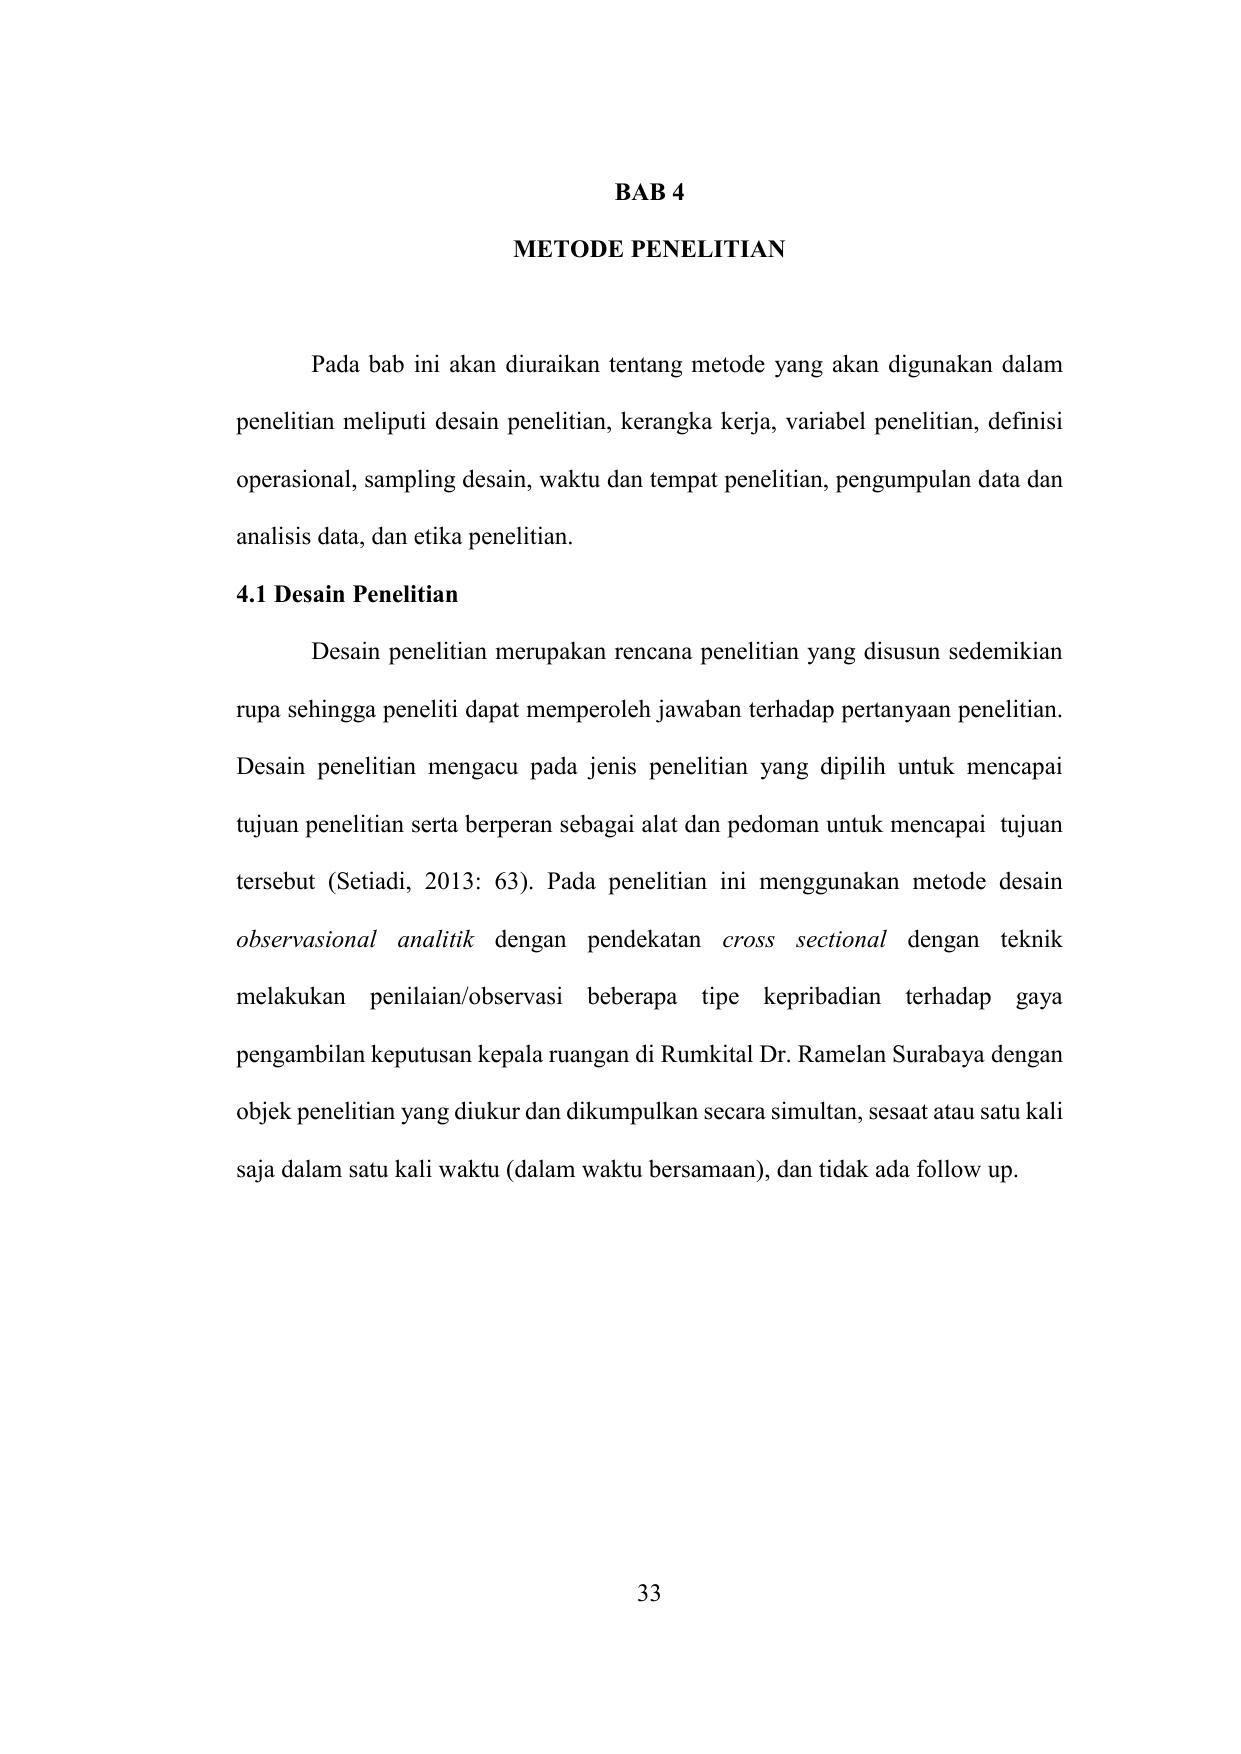 Contoh Bab 4 Skripsi